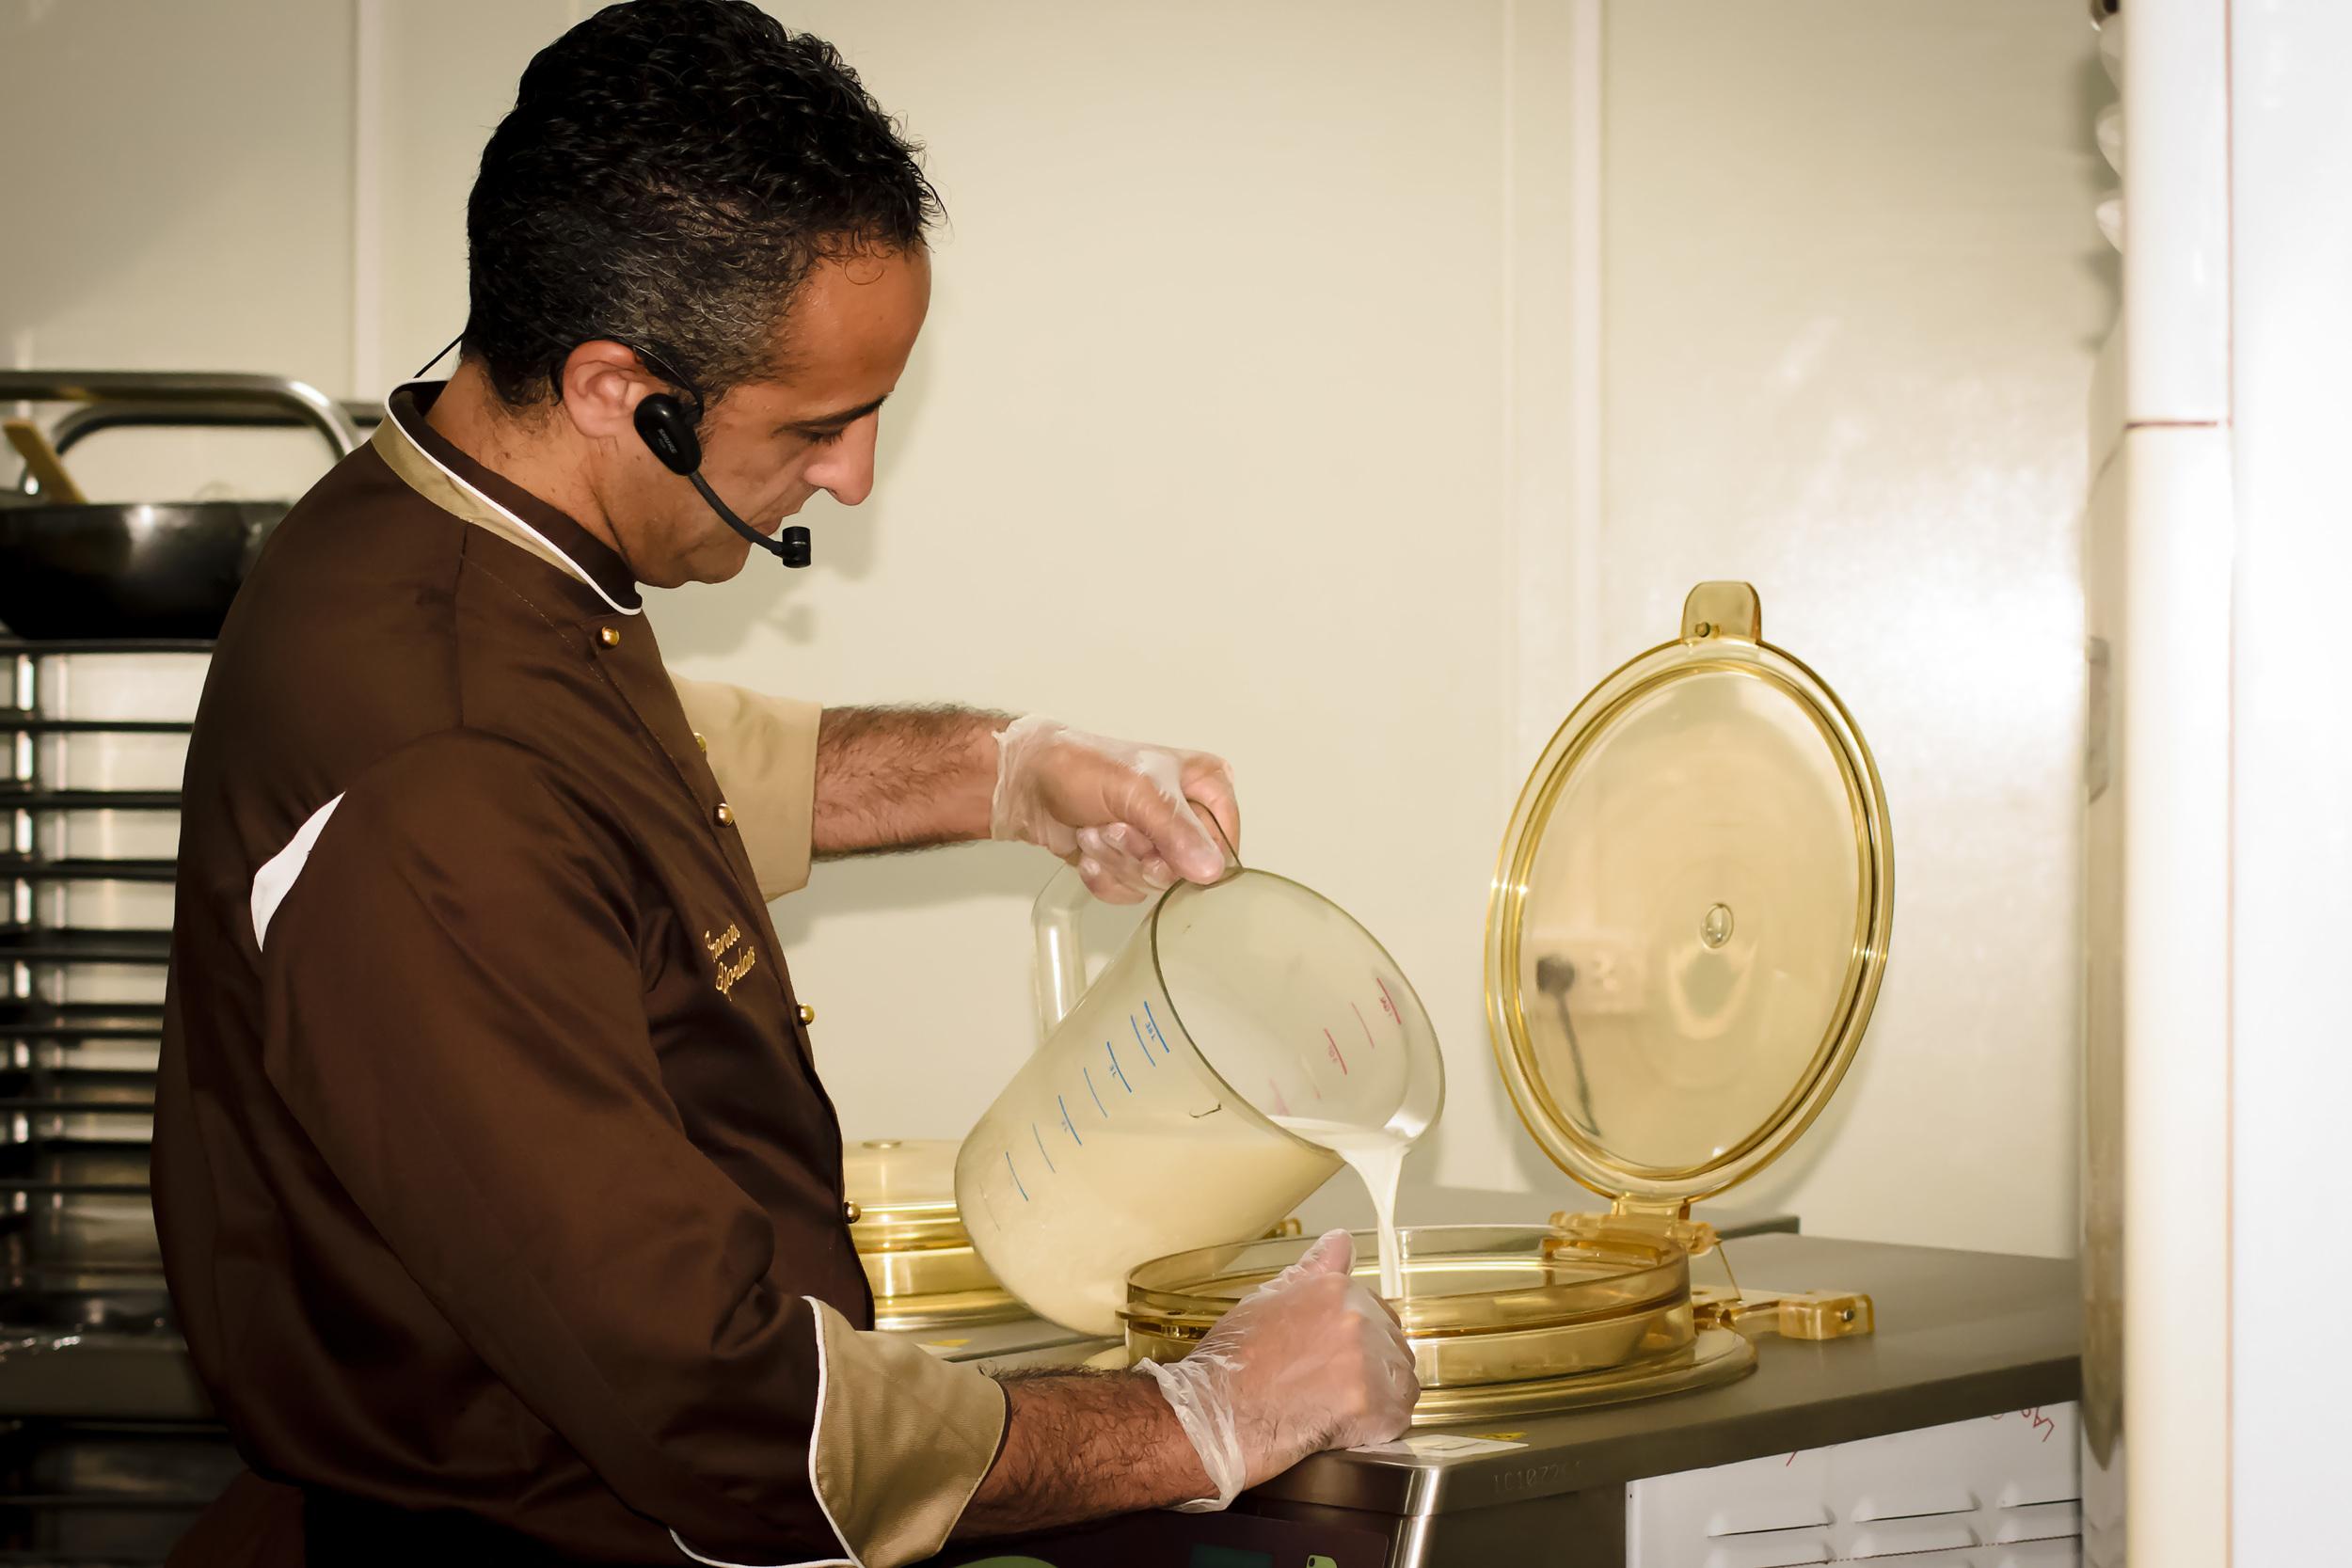 Chef Francesco Giordanofrom IceTeam